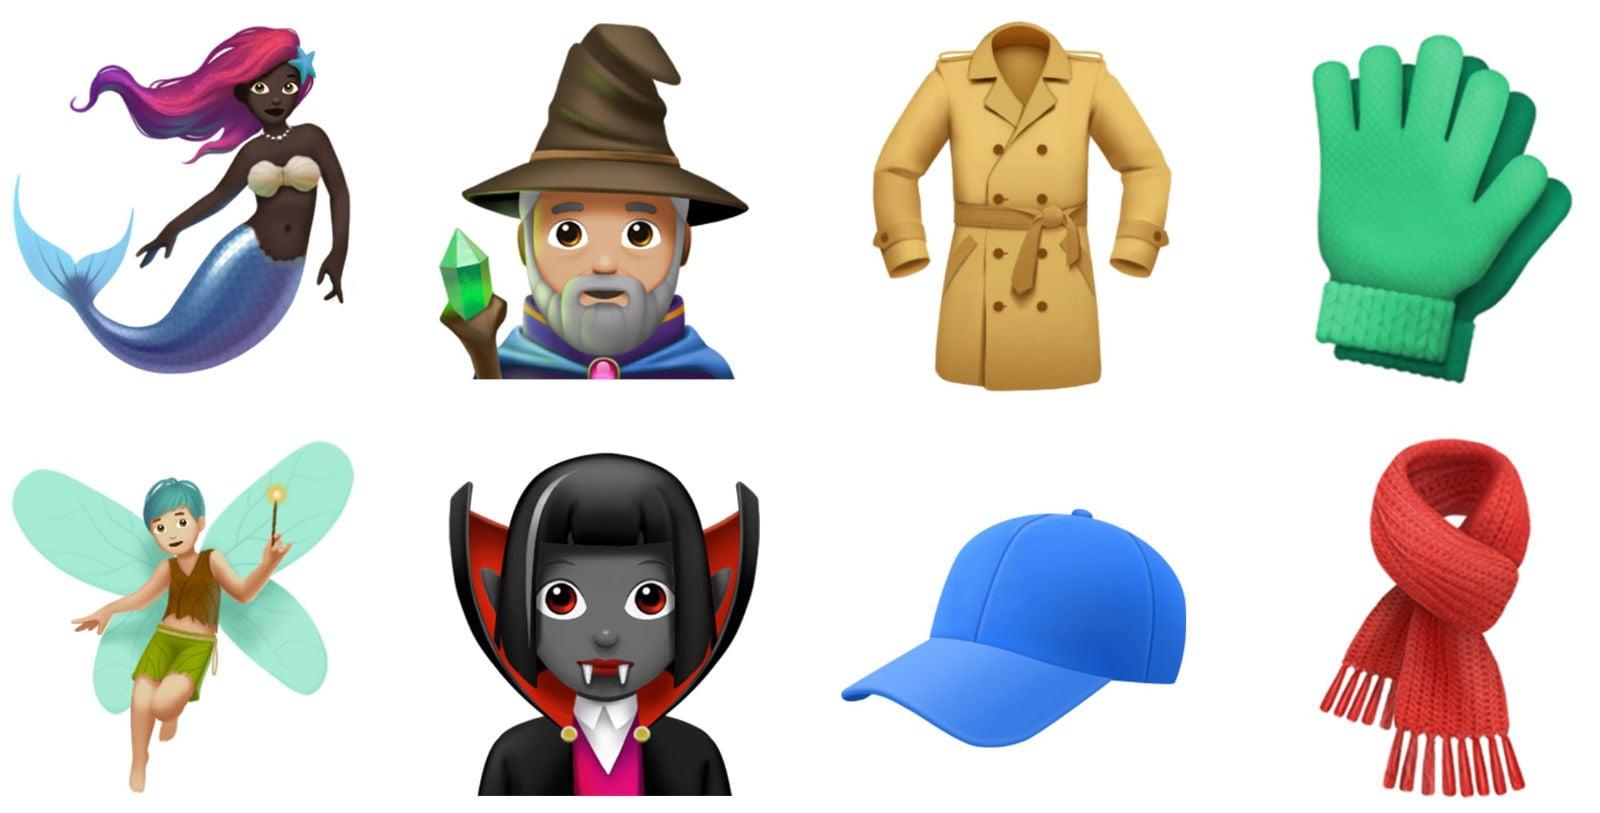 IOS11 1 emoji 01